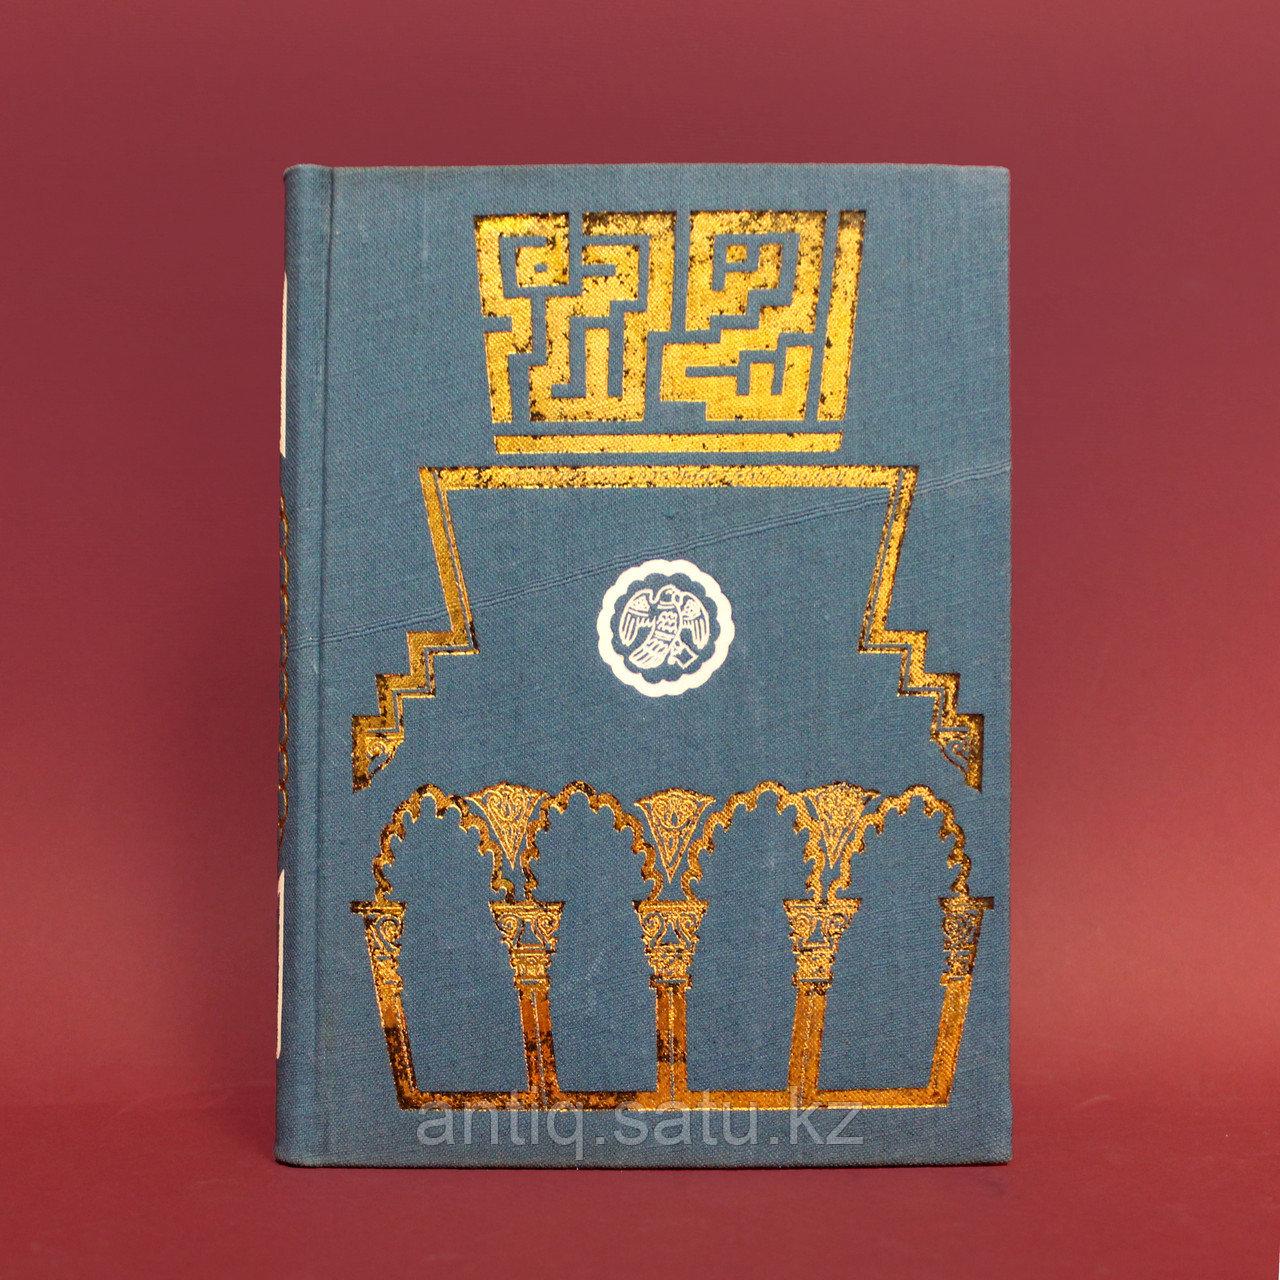 ОЖЕРЕЛЬЕ ГОЛУБКИ Автор - Ибн Хазм. - фото 1